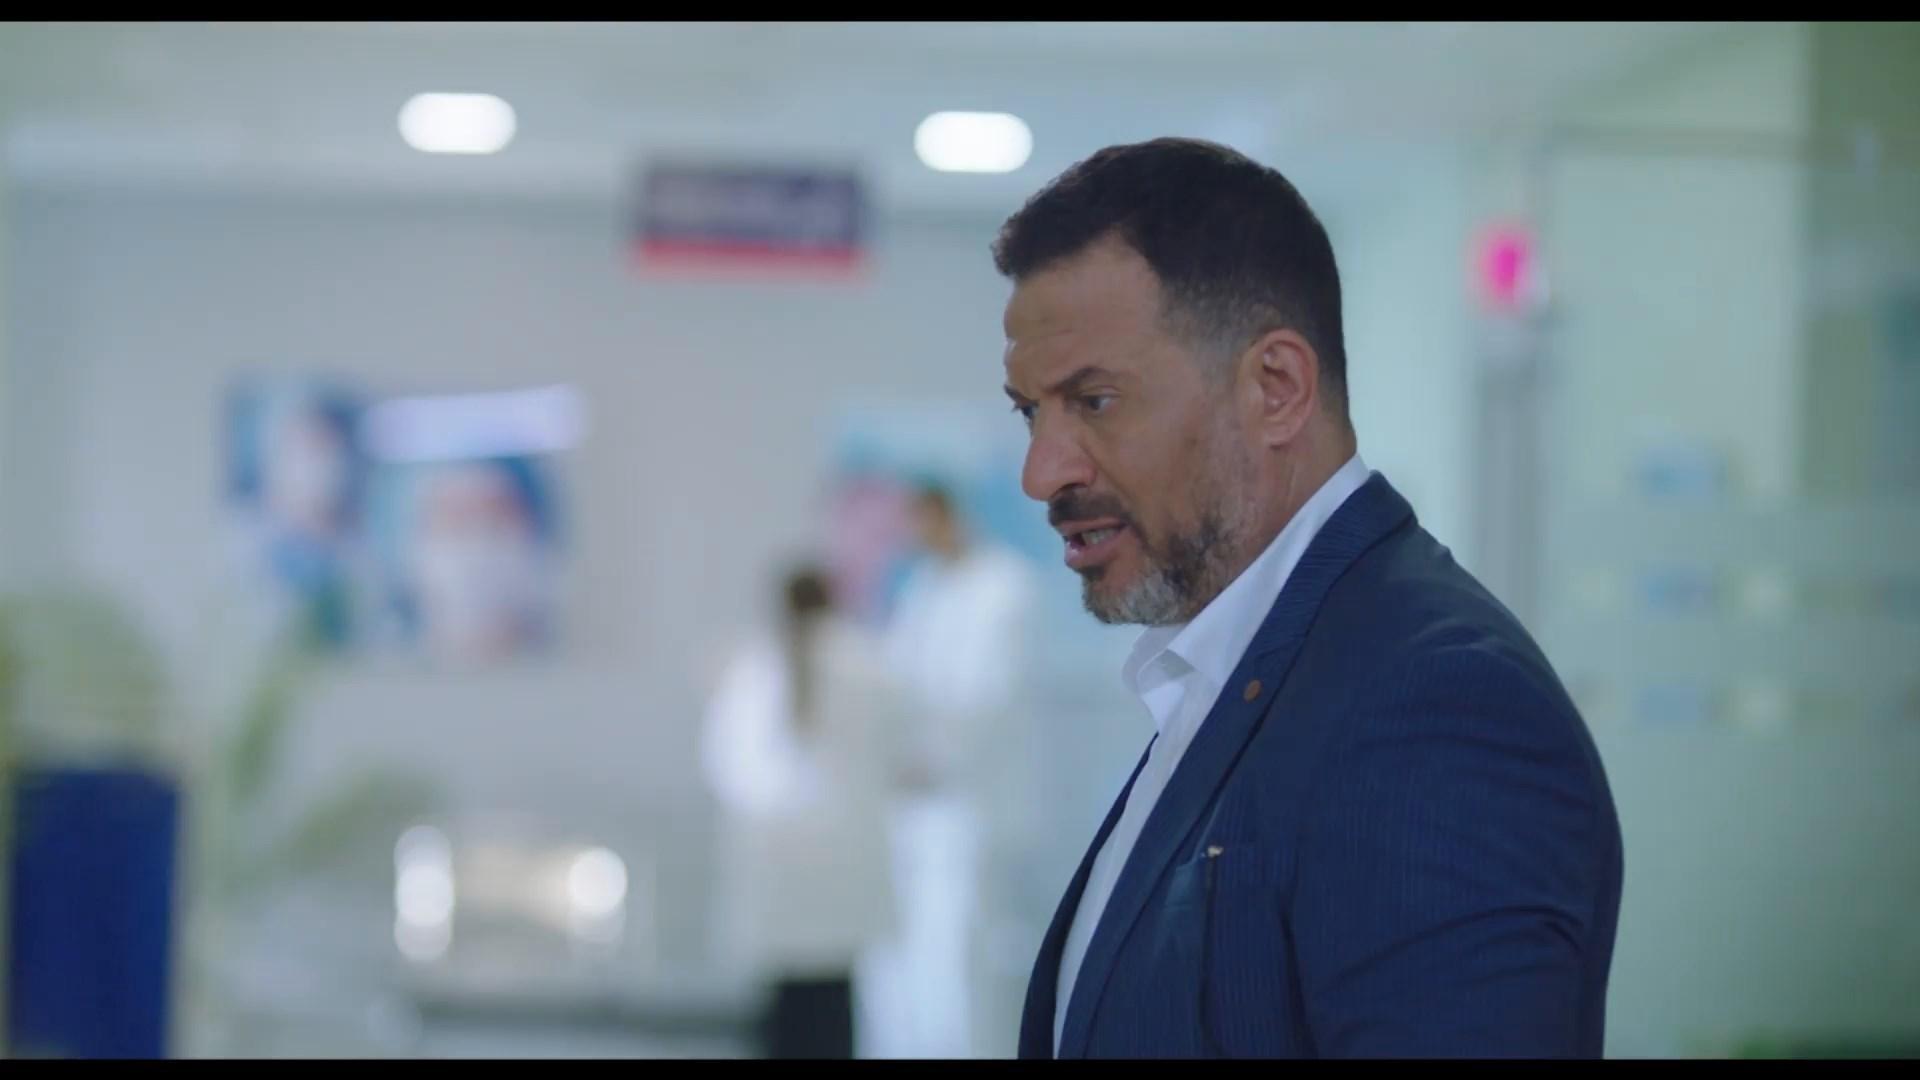 مسلسل الوجه الآخر الحلقة السابعة (2020) 1080p تحميل تورنت 3 arabp2p.com